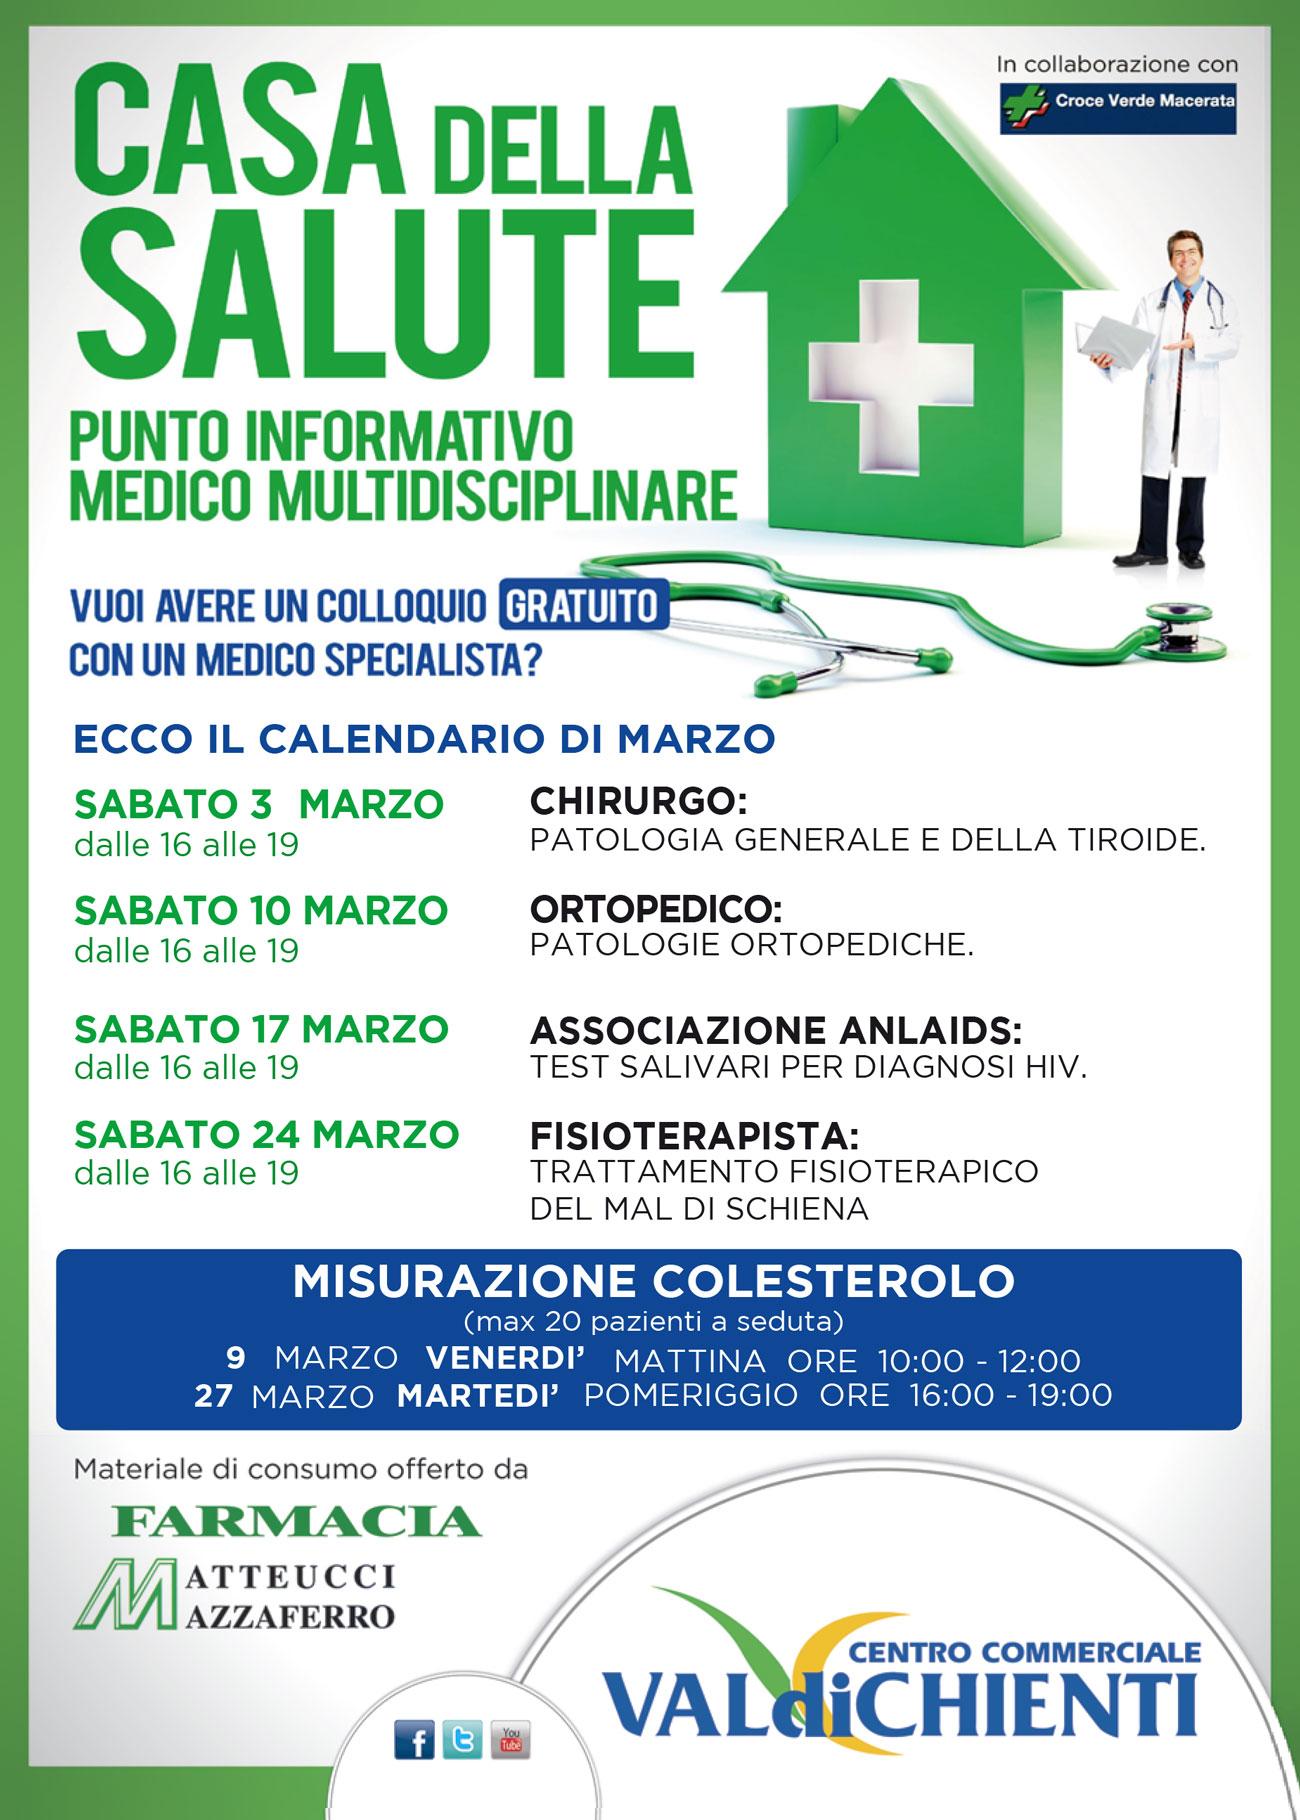 Calendario Della Salute.Casa Della Salute Valdichienti Centro Commerciale